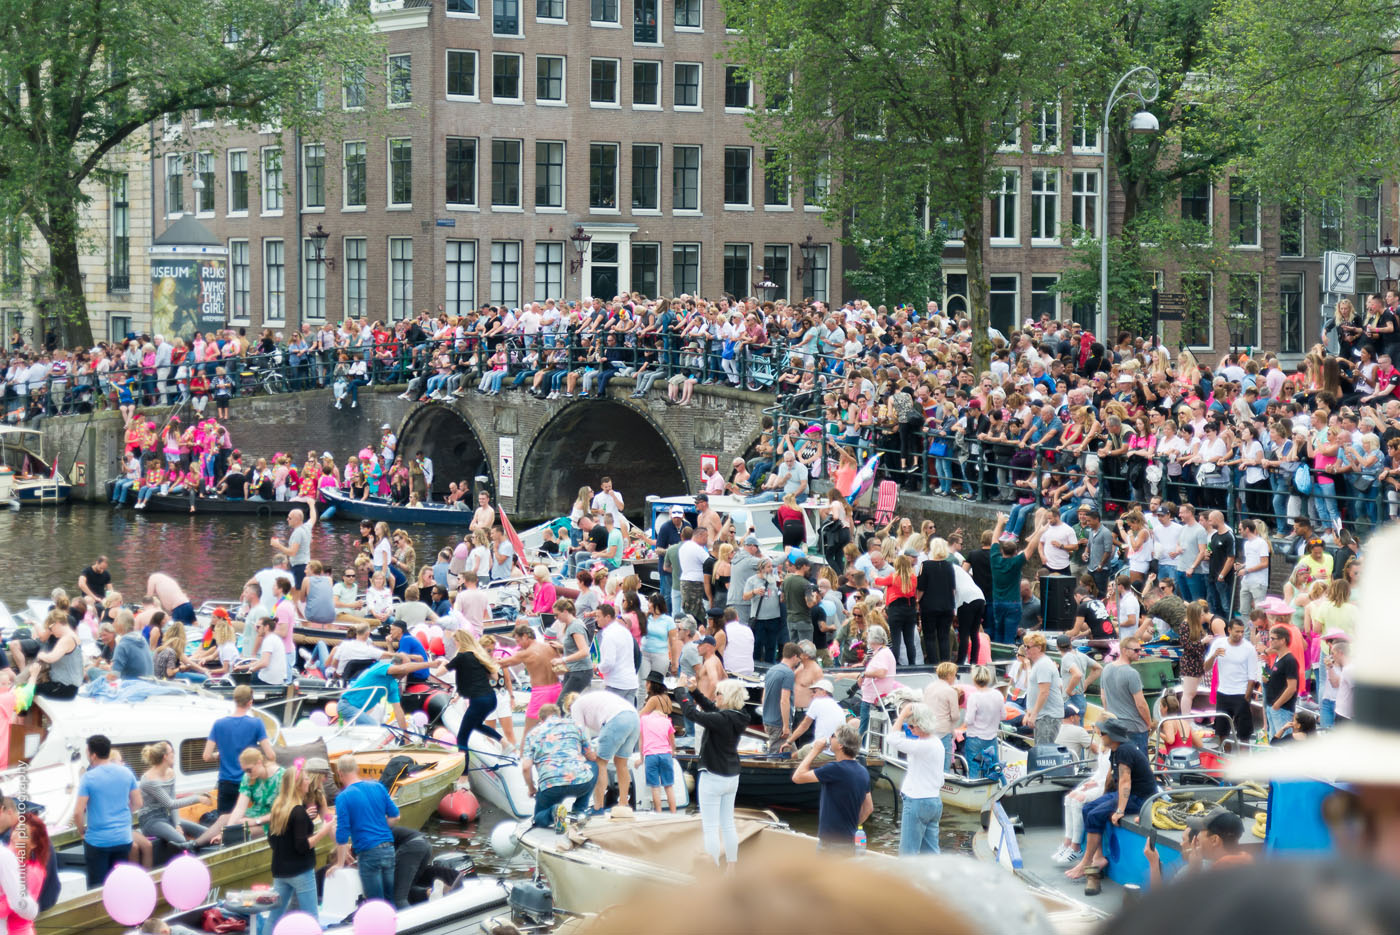 Amsterdam Gay Pride Parade 2017